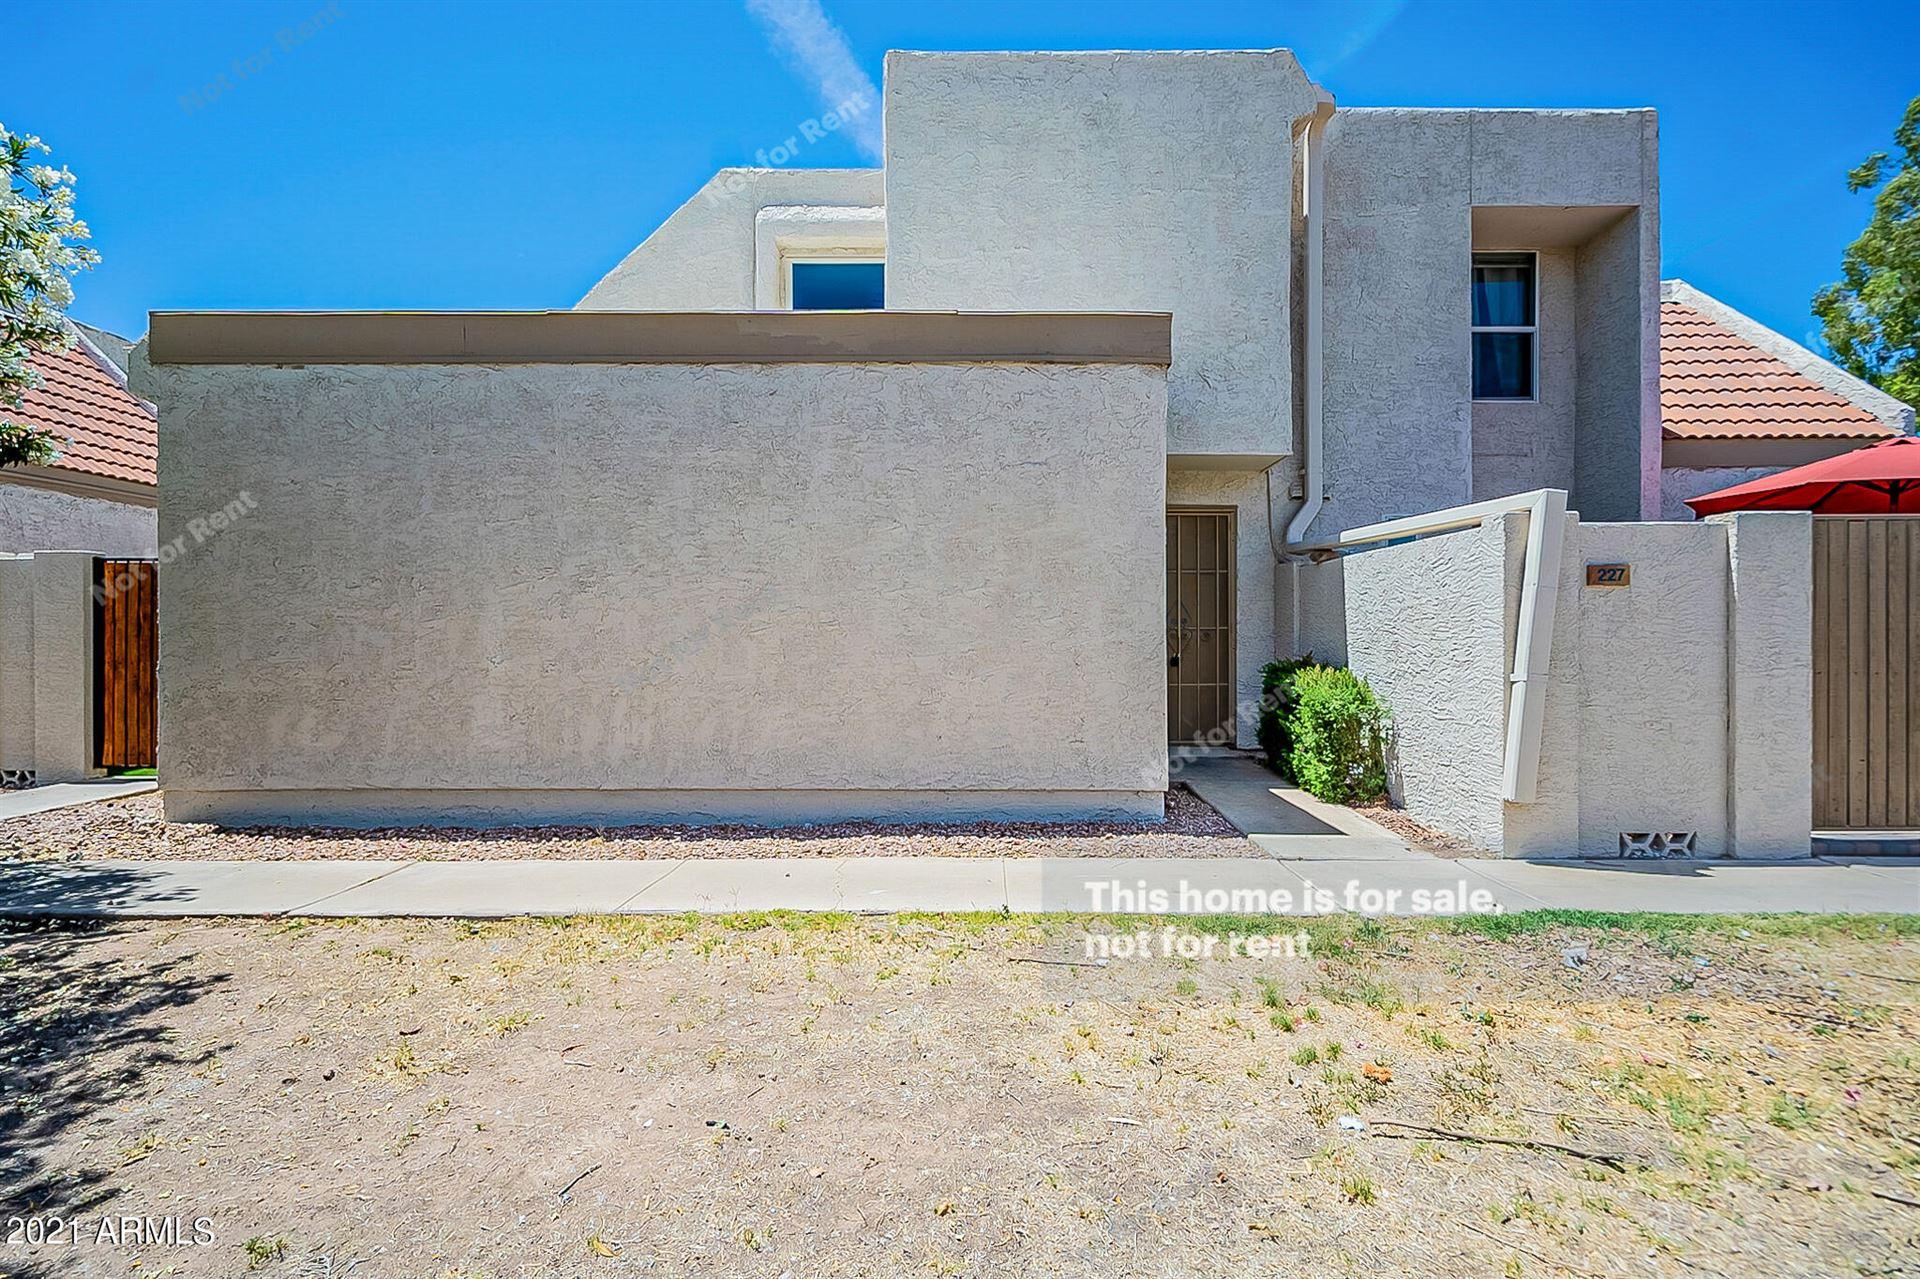 1342 W EMERALD Avenue #227, Mesa, AZ 85202 - MLS#: 6232725